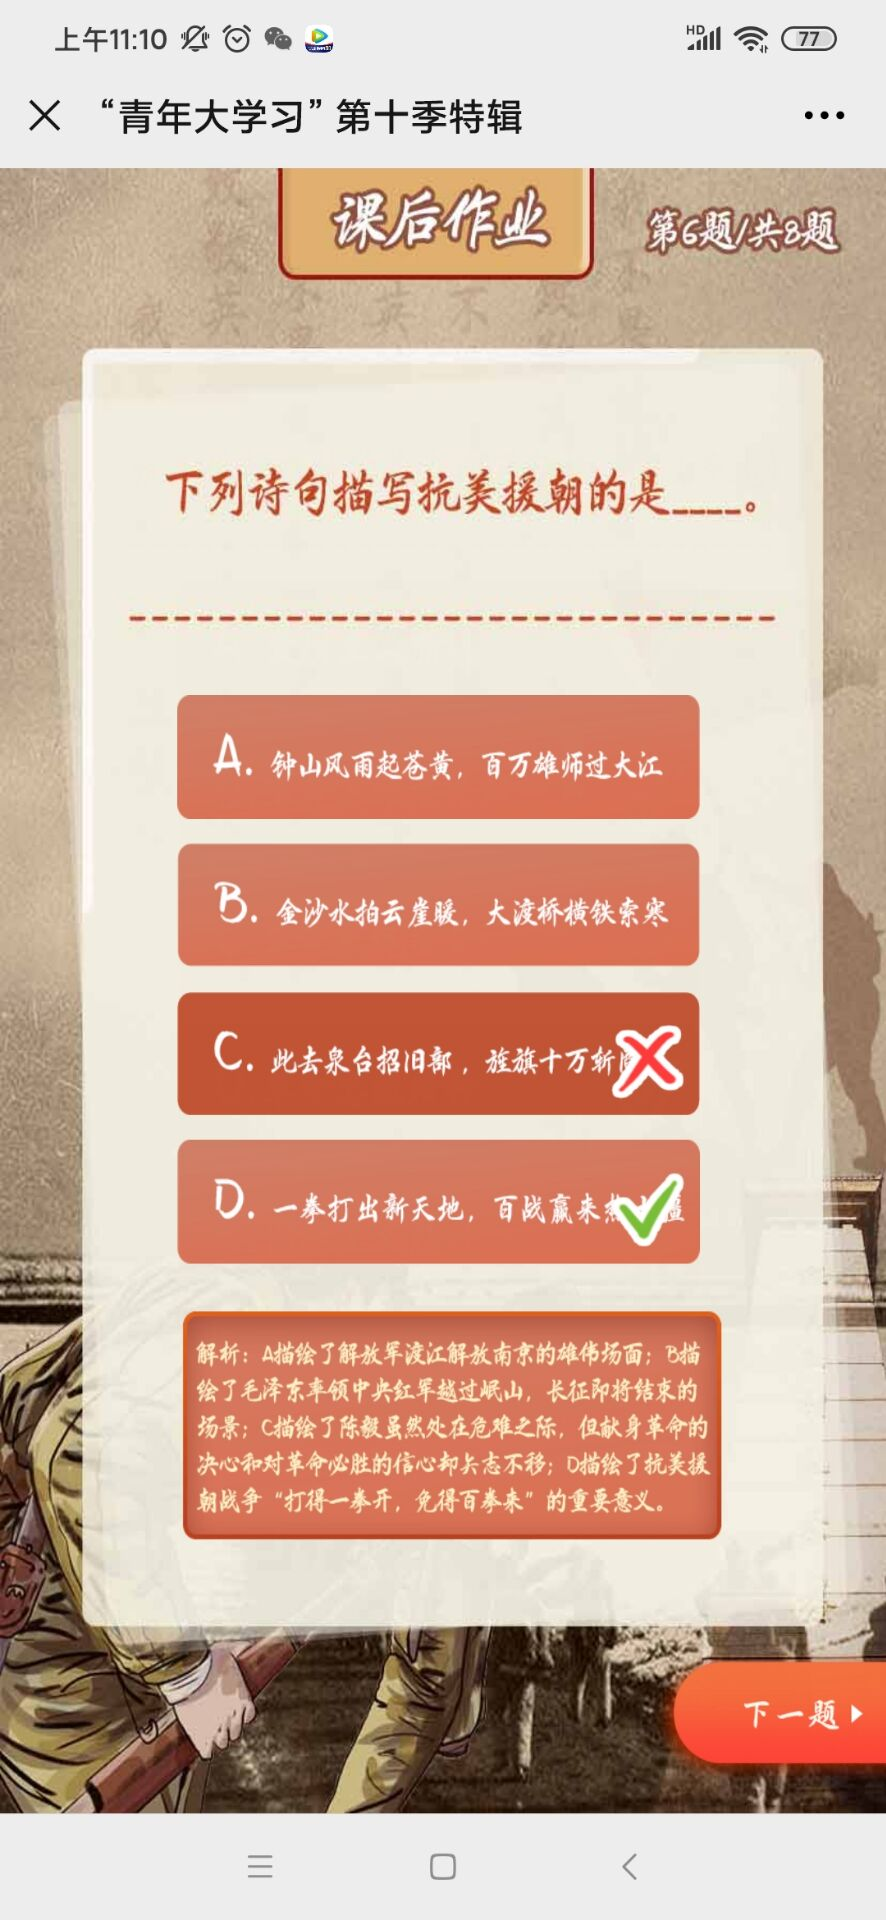 中国一贯奉行的是什么国防政策 青年大学习第十季特辑答案详解[多图]